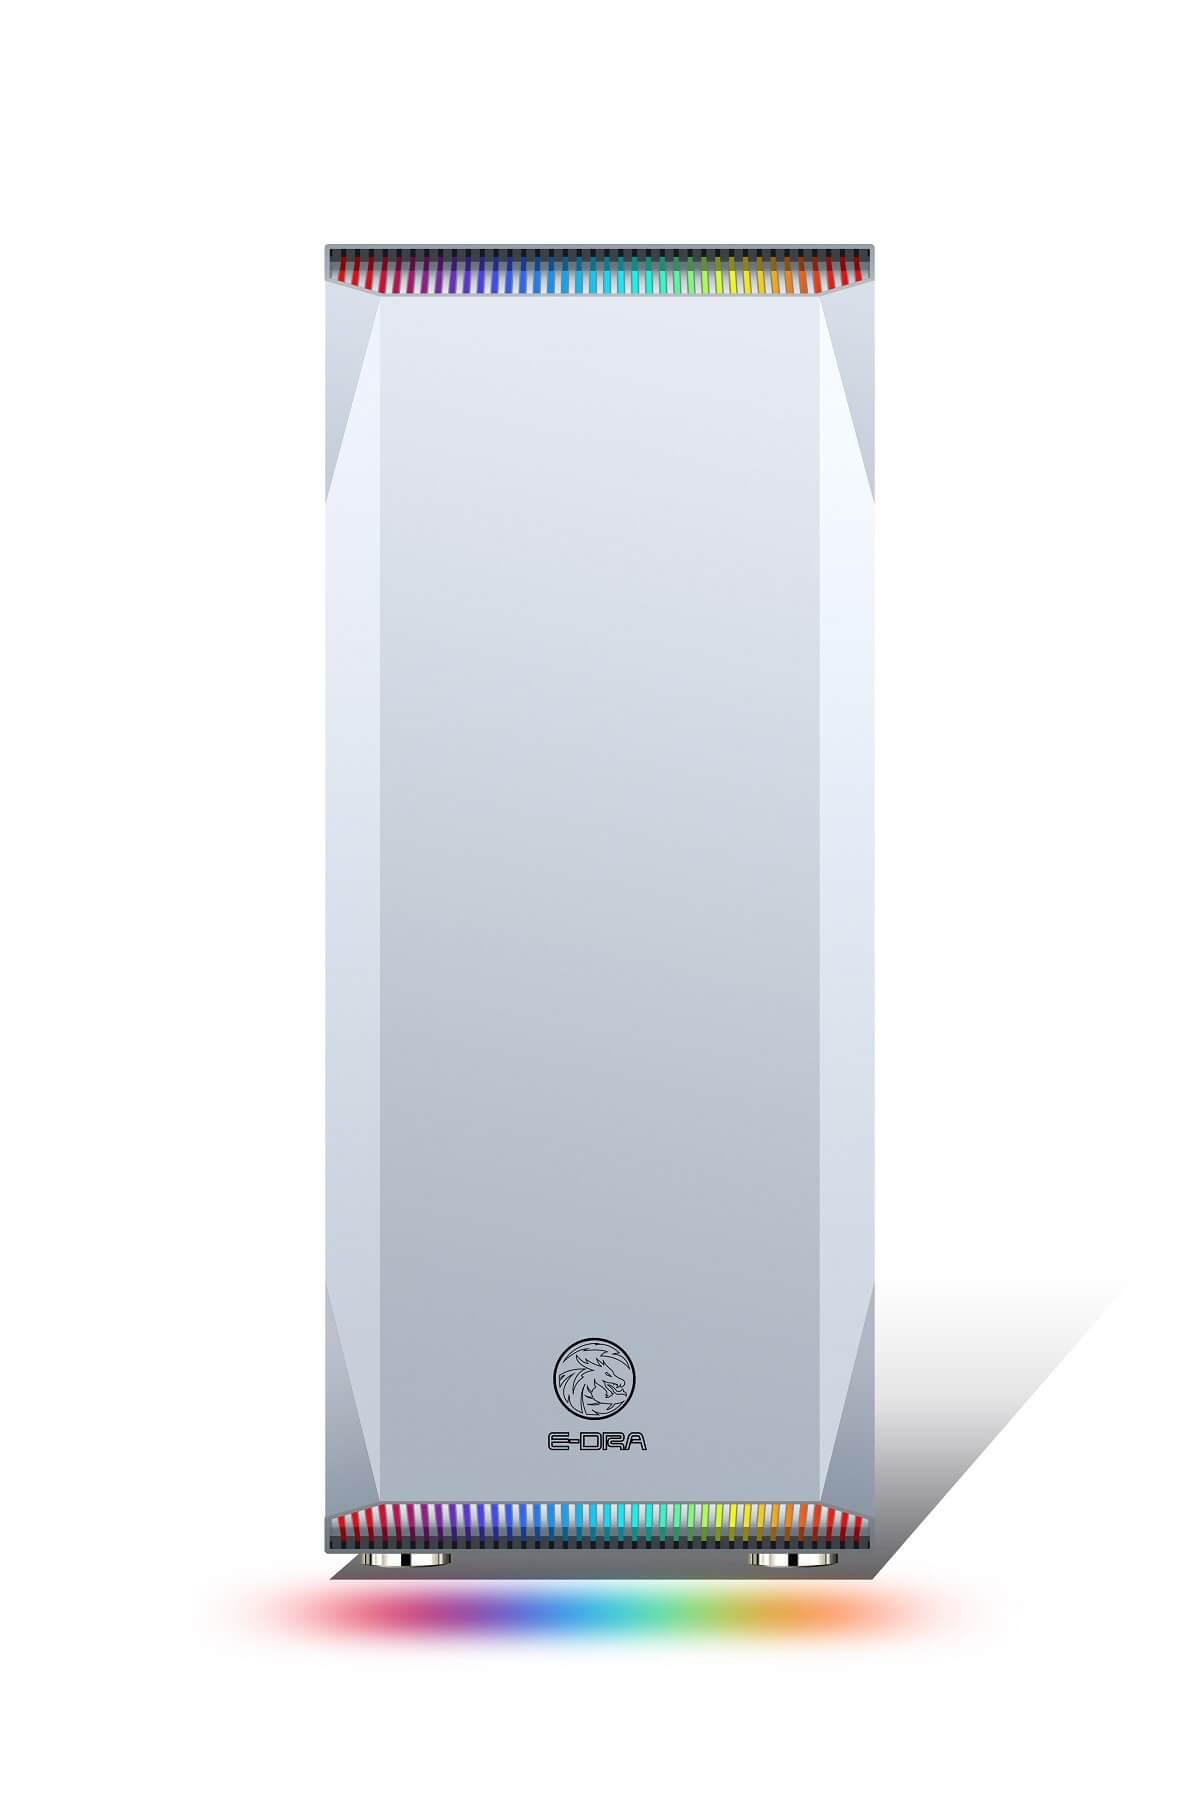 Case AZGAMER  E-dragon Shadow Phonix White  i3 9100F